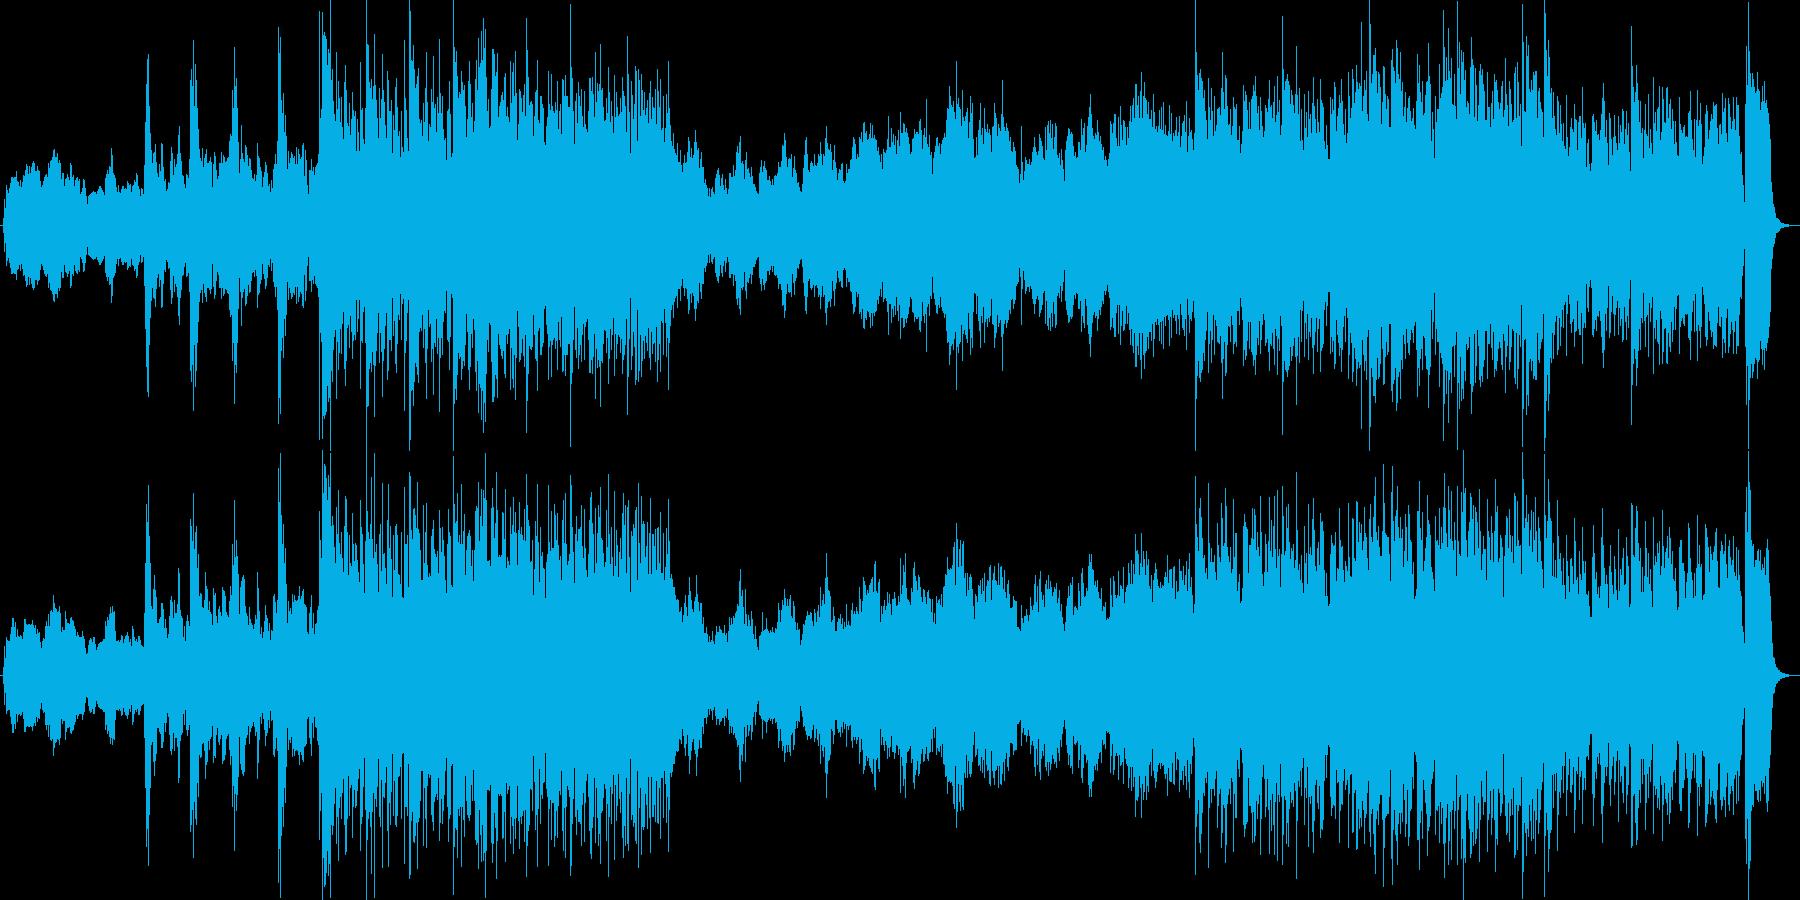 和太鼓と尺八の入ったオーケストラの再生済みの波形